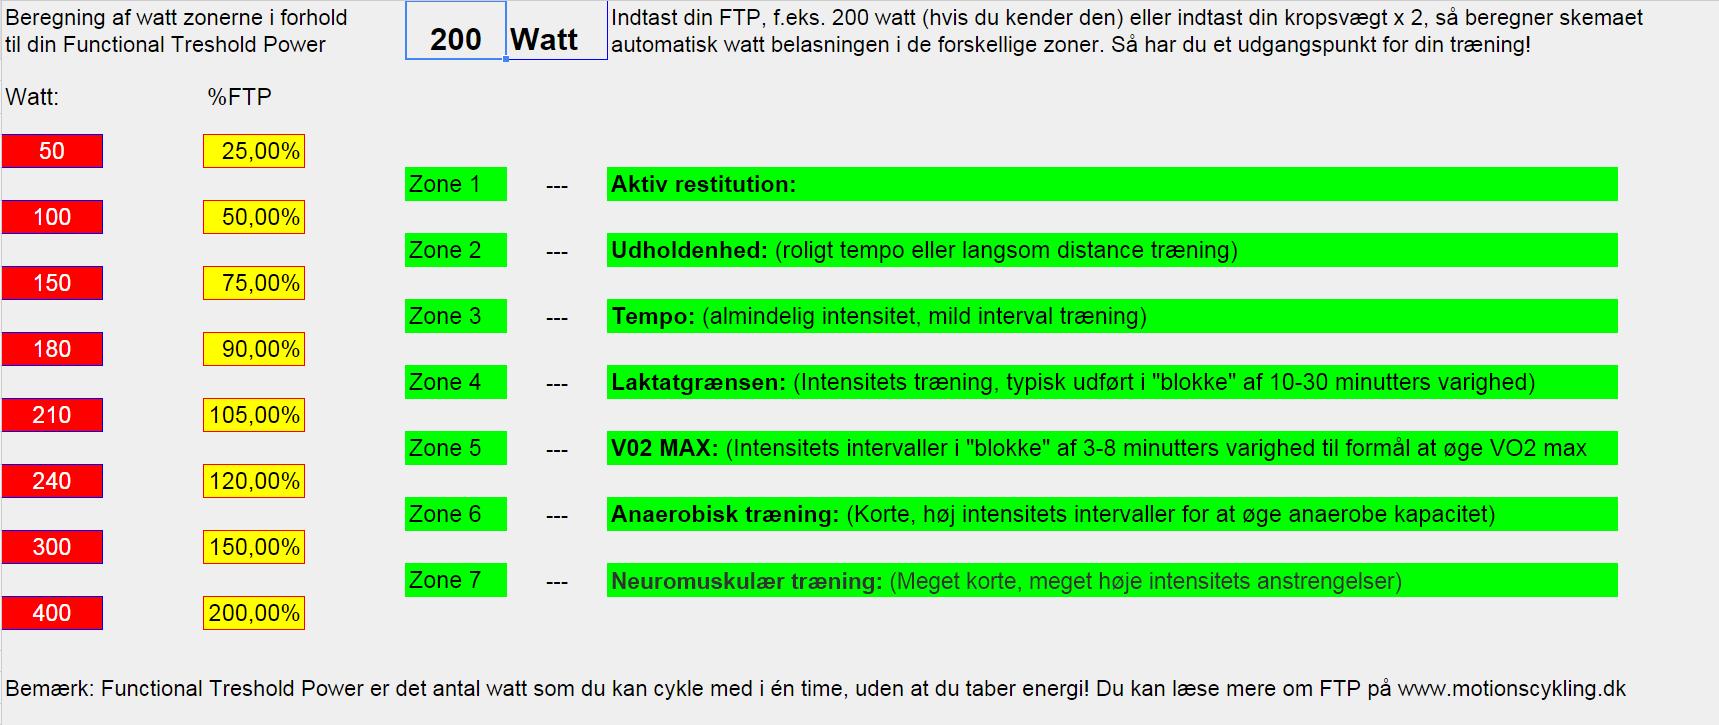 Beregning_af_watt_zoner